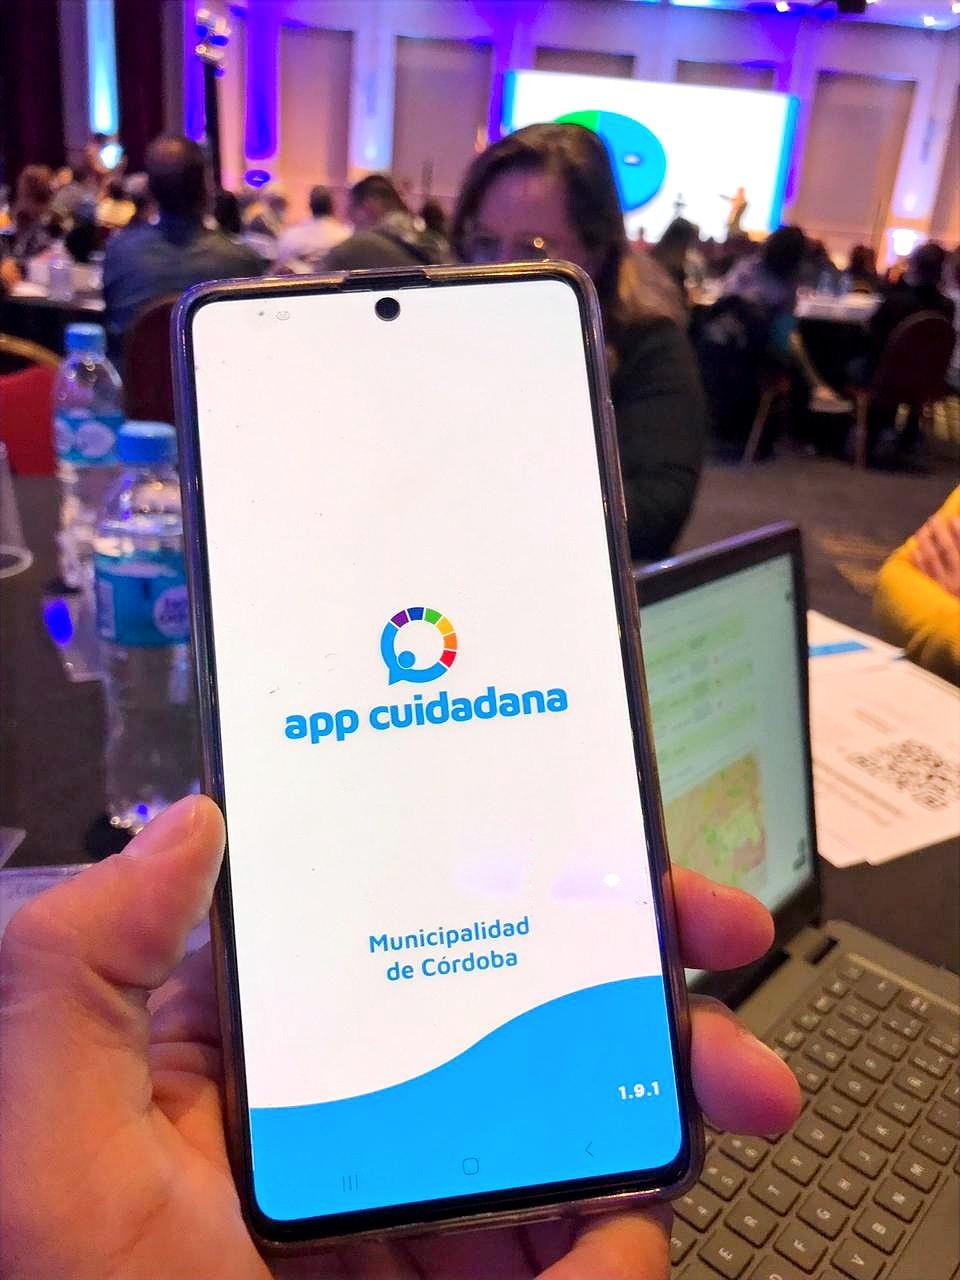 App Ciudadana por Munidigital para el gobierno de Cordoba